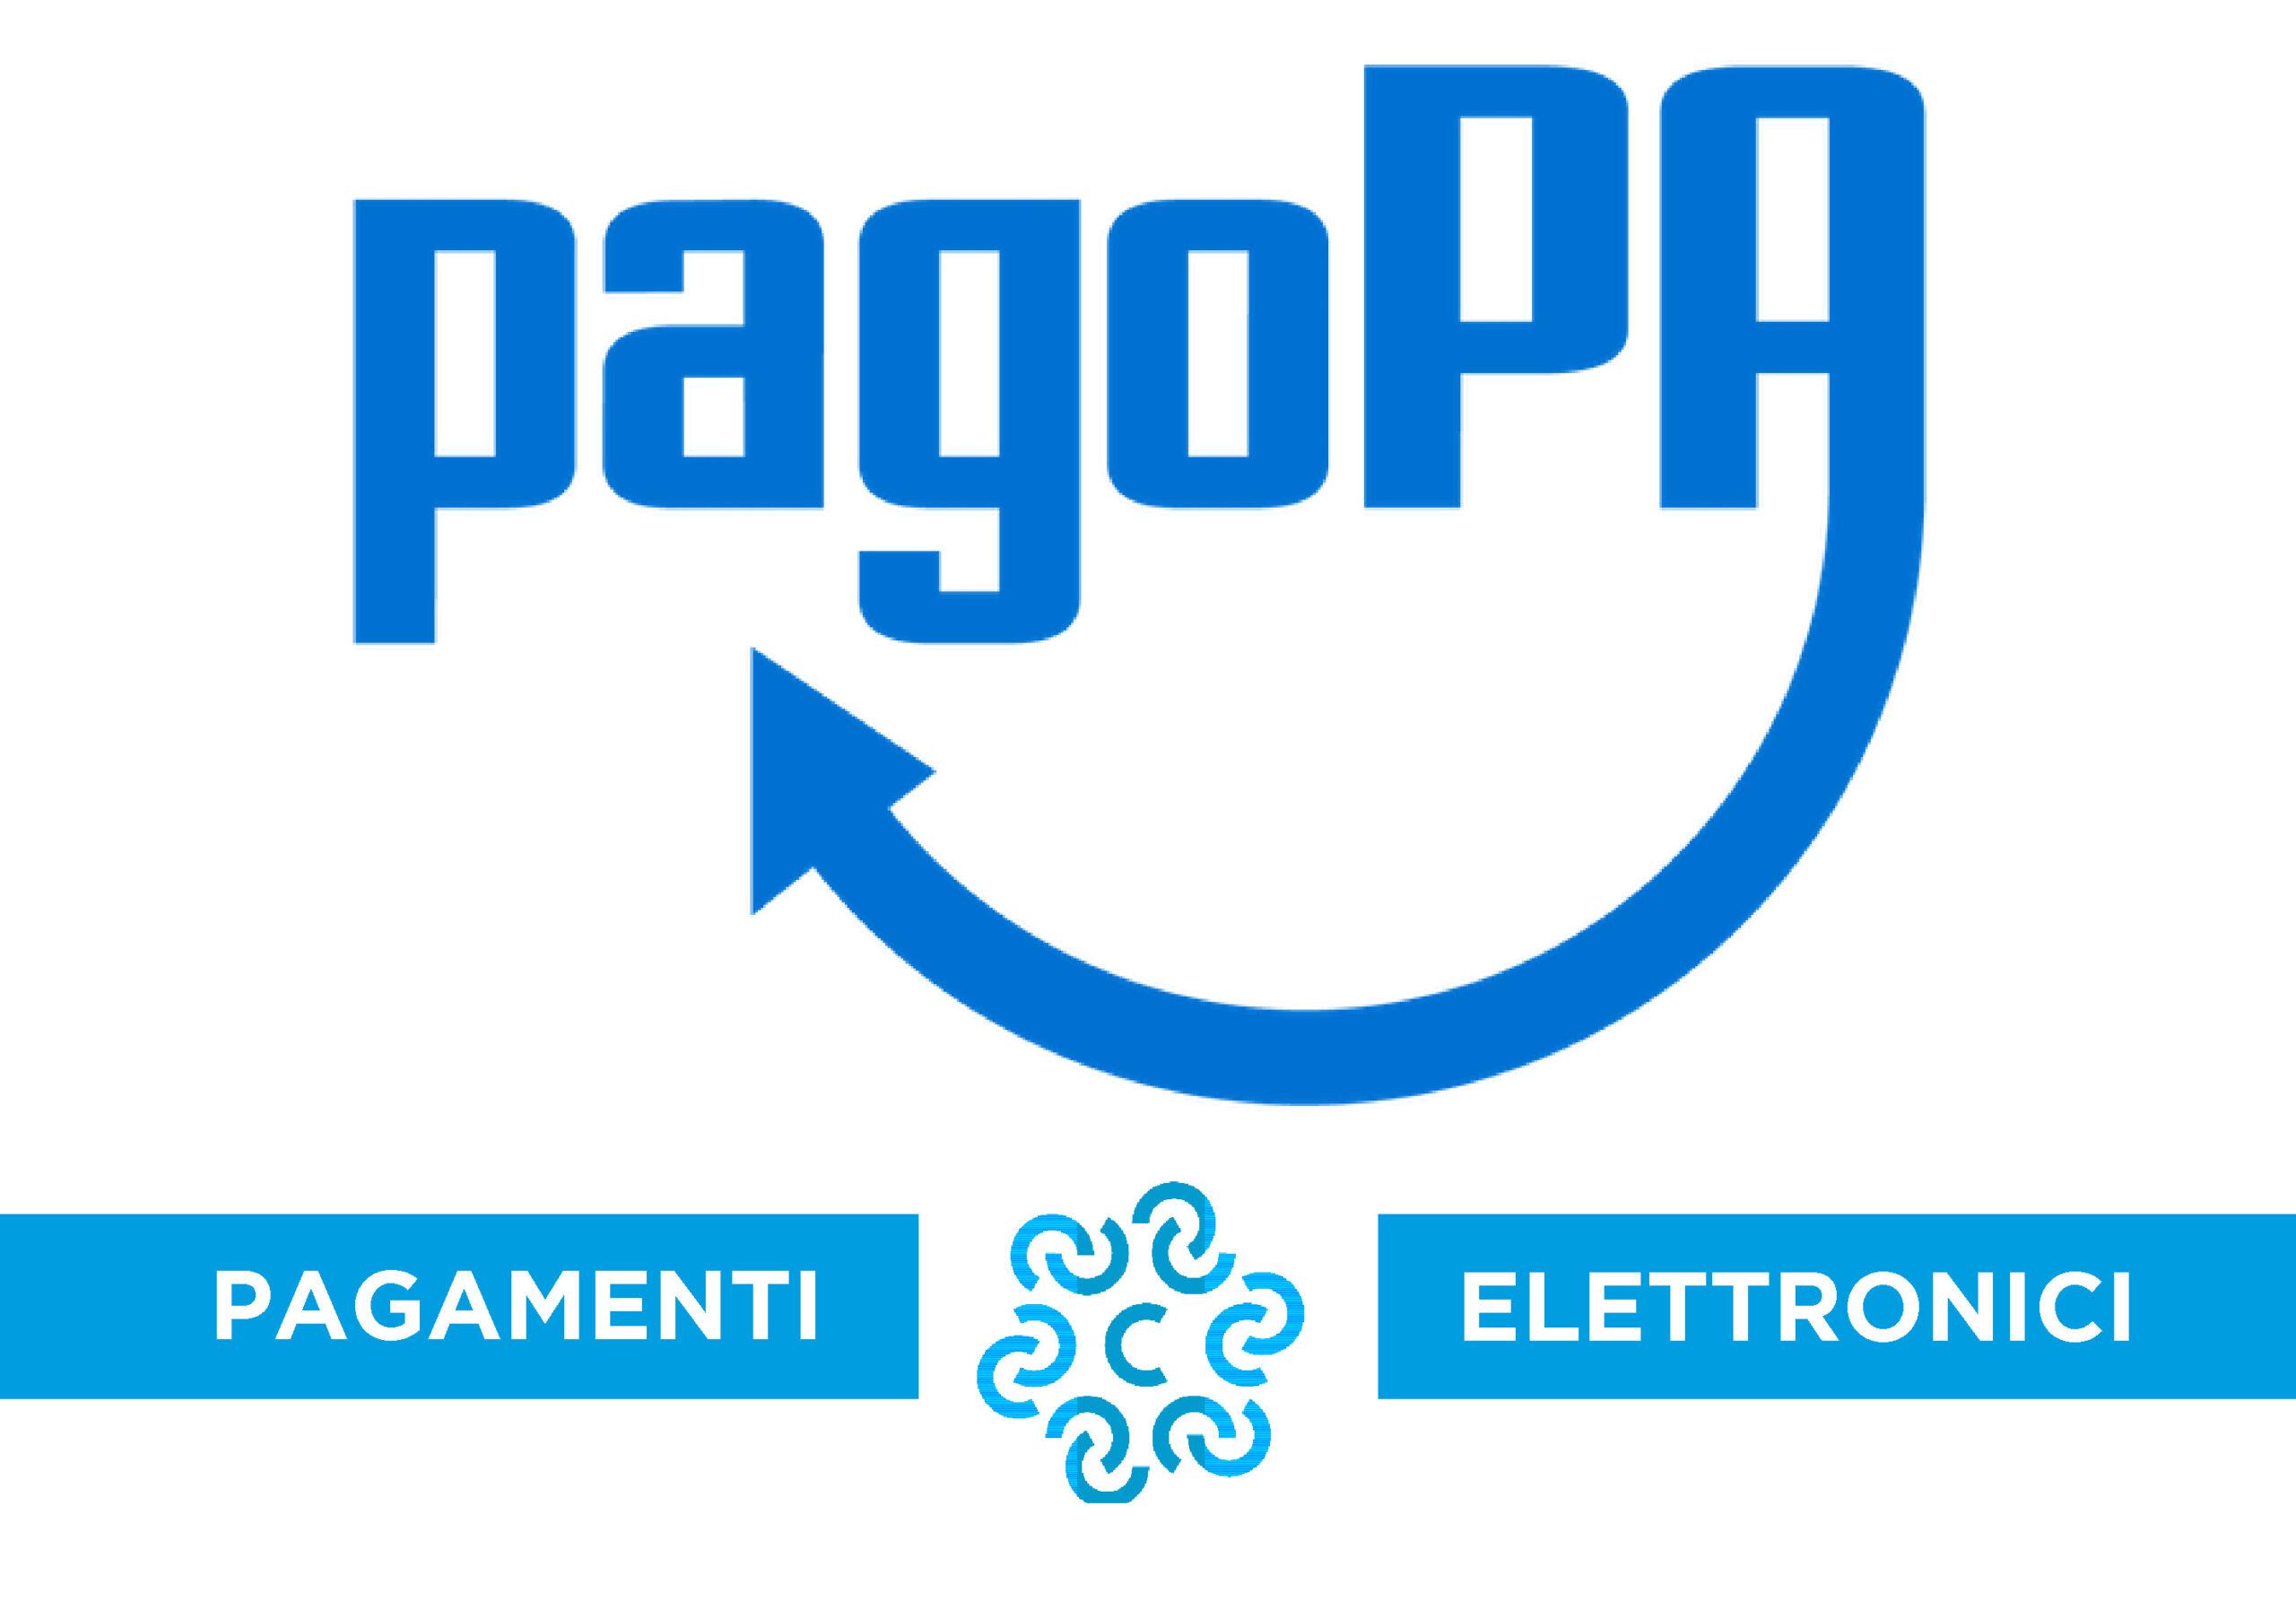 Pagamenti digitali con sistema di pagamento PagoPA